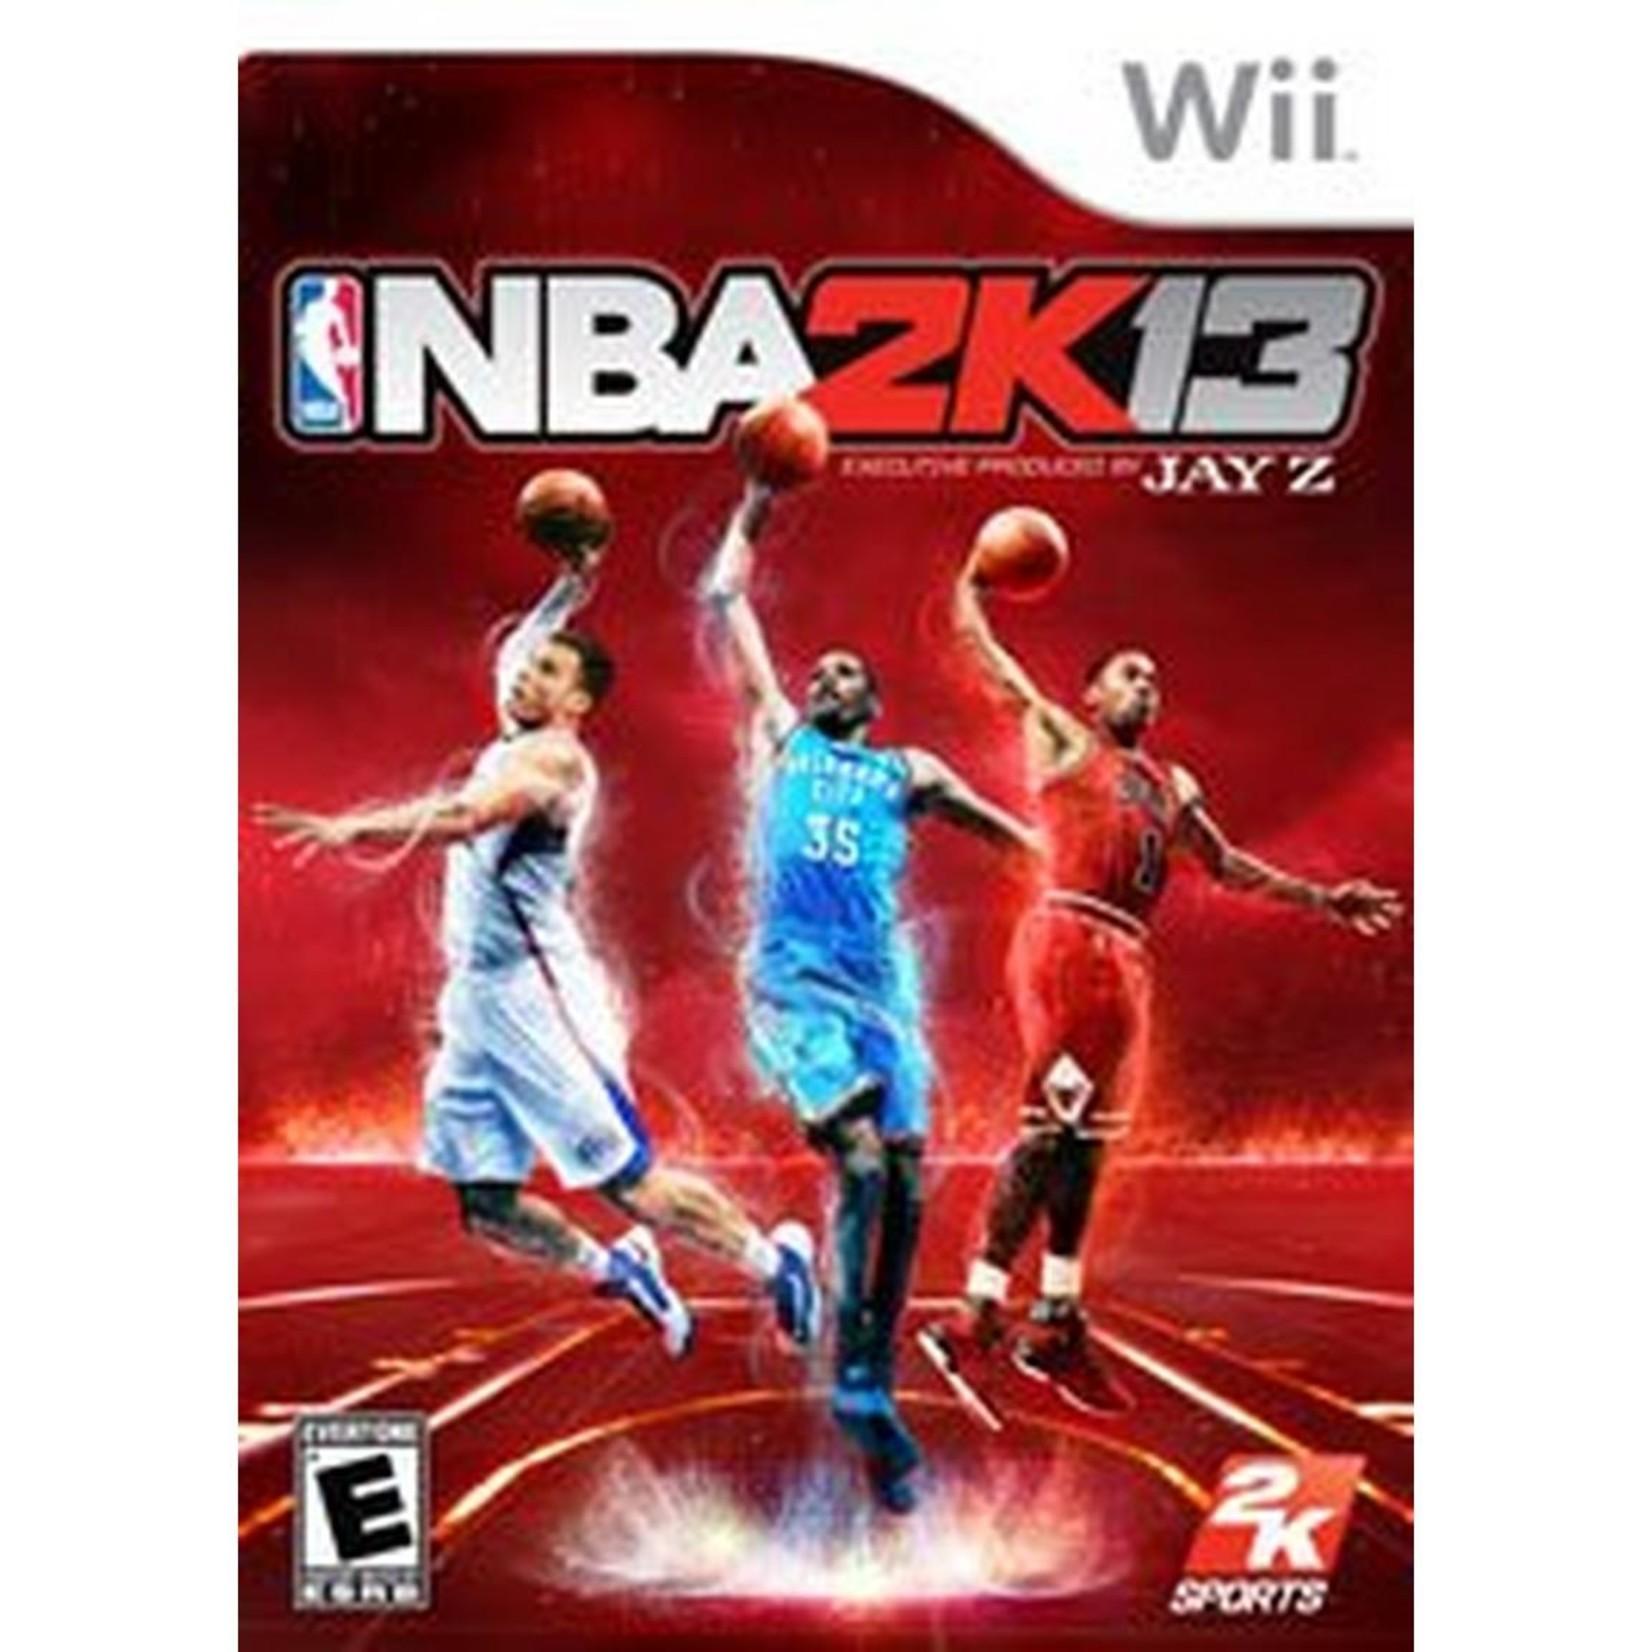 wiiusd-NBA 2k13